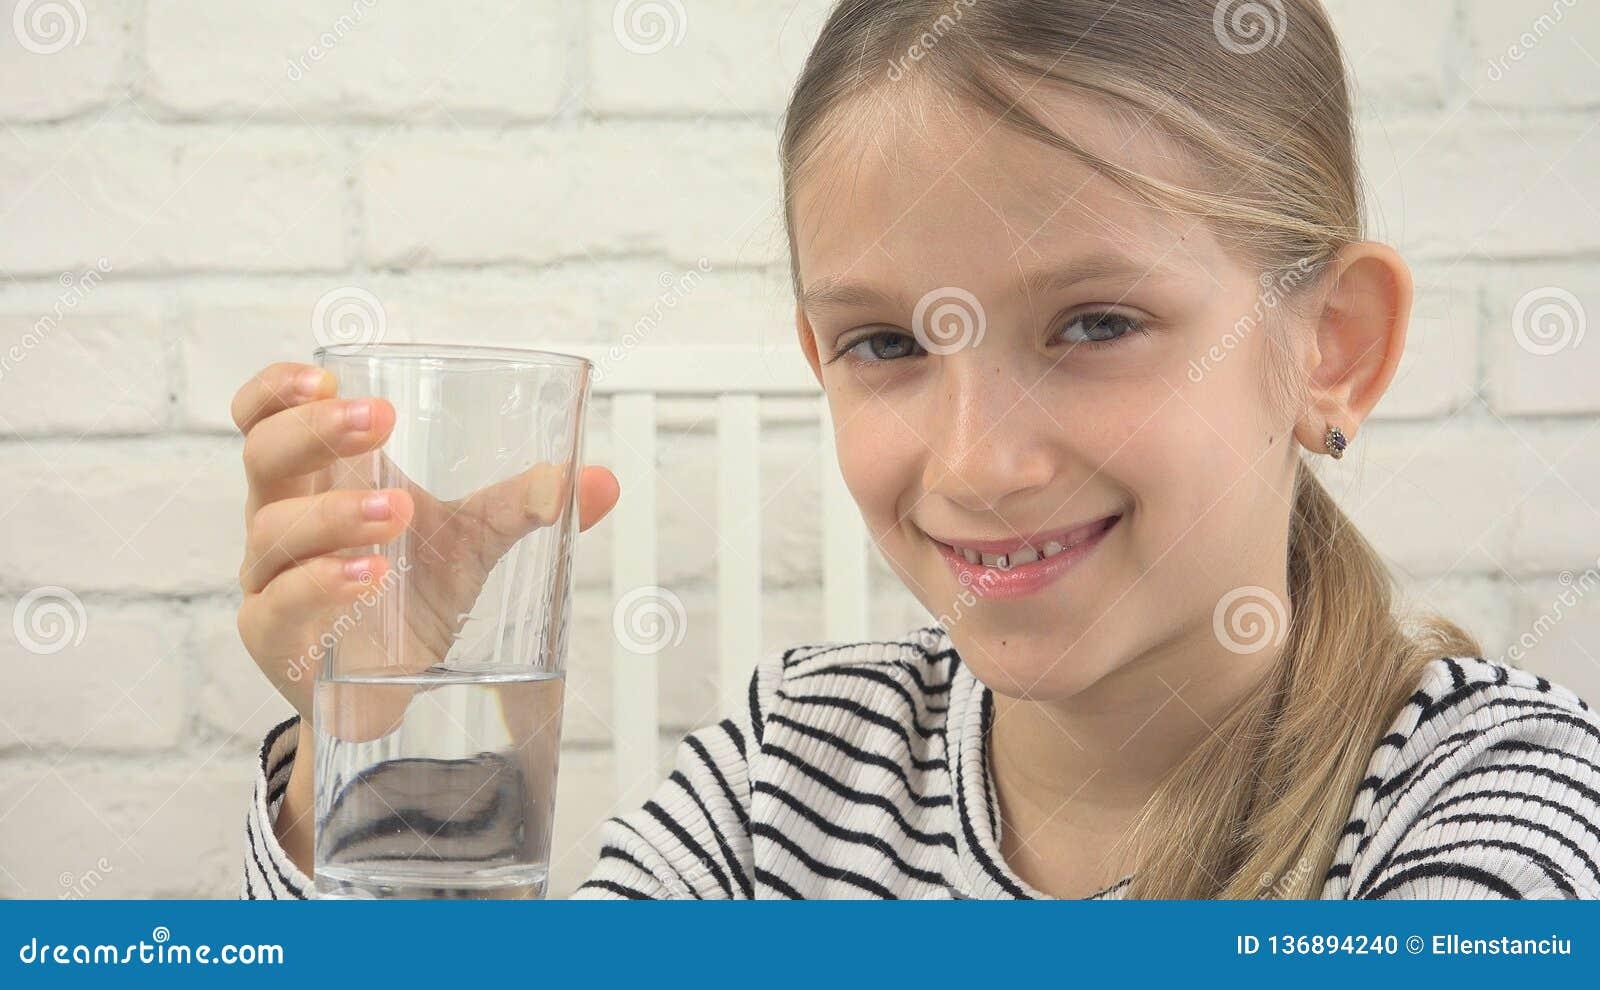 Agua potable del niño, niño sediento que estudia el vidrio del agua dulce, muchacha en cocina